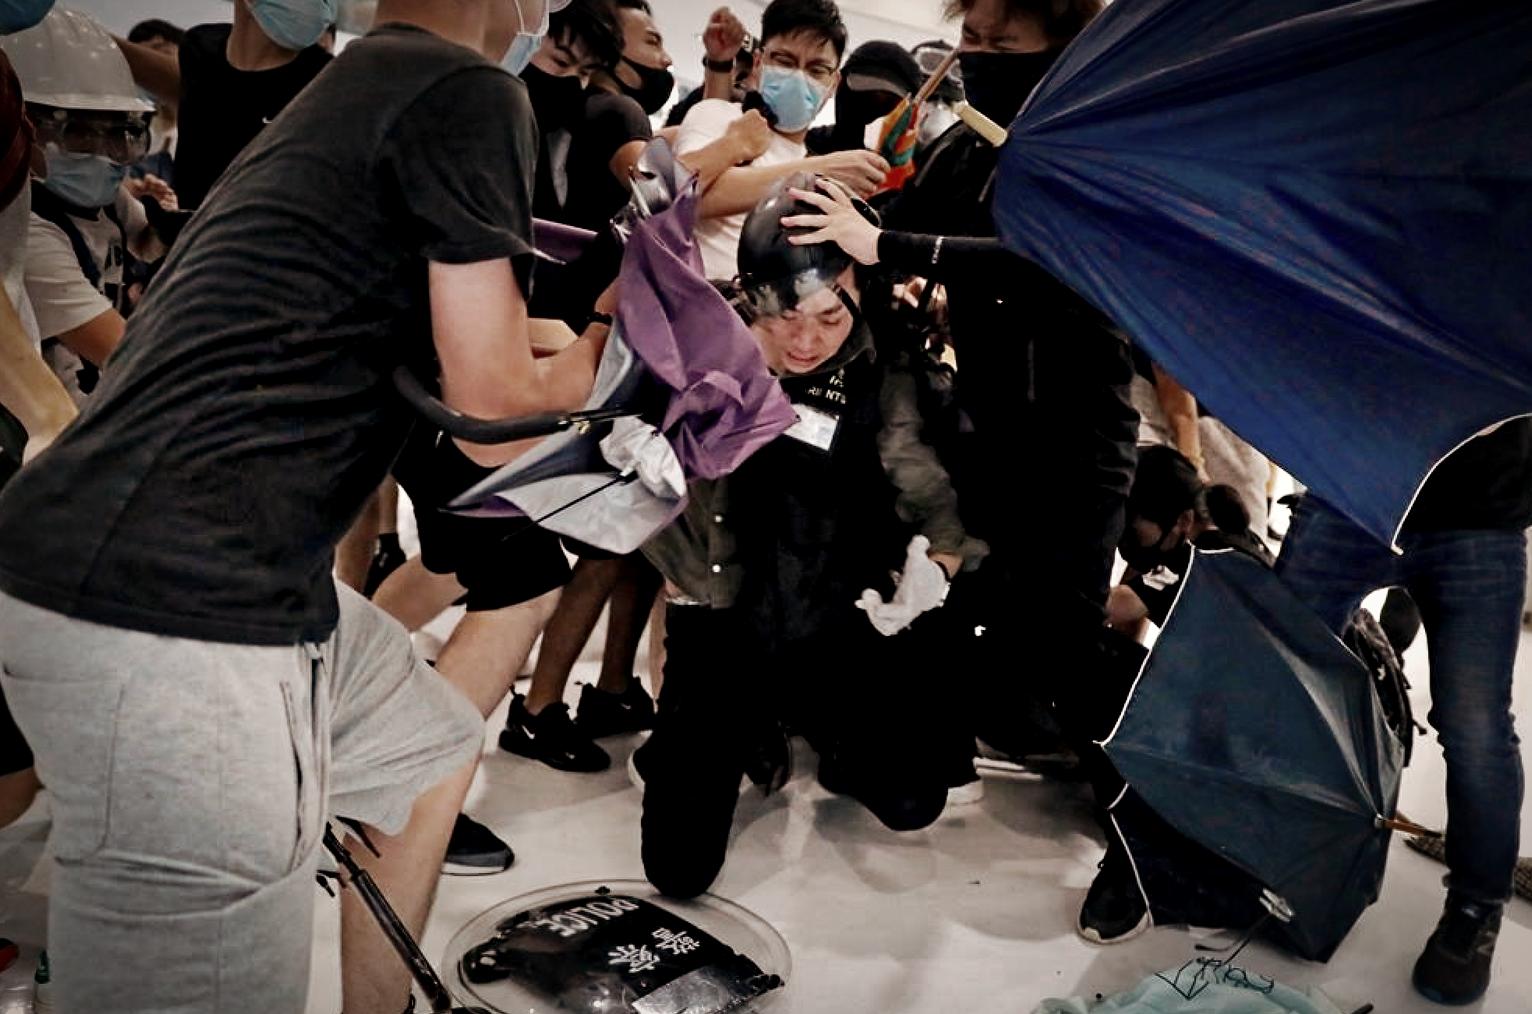 Manifestations à Hong Kong: les émeutiers jouent aux dames dans un jeu de go